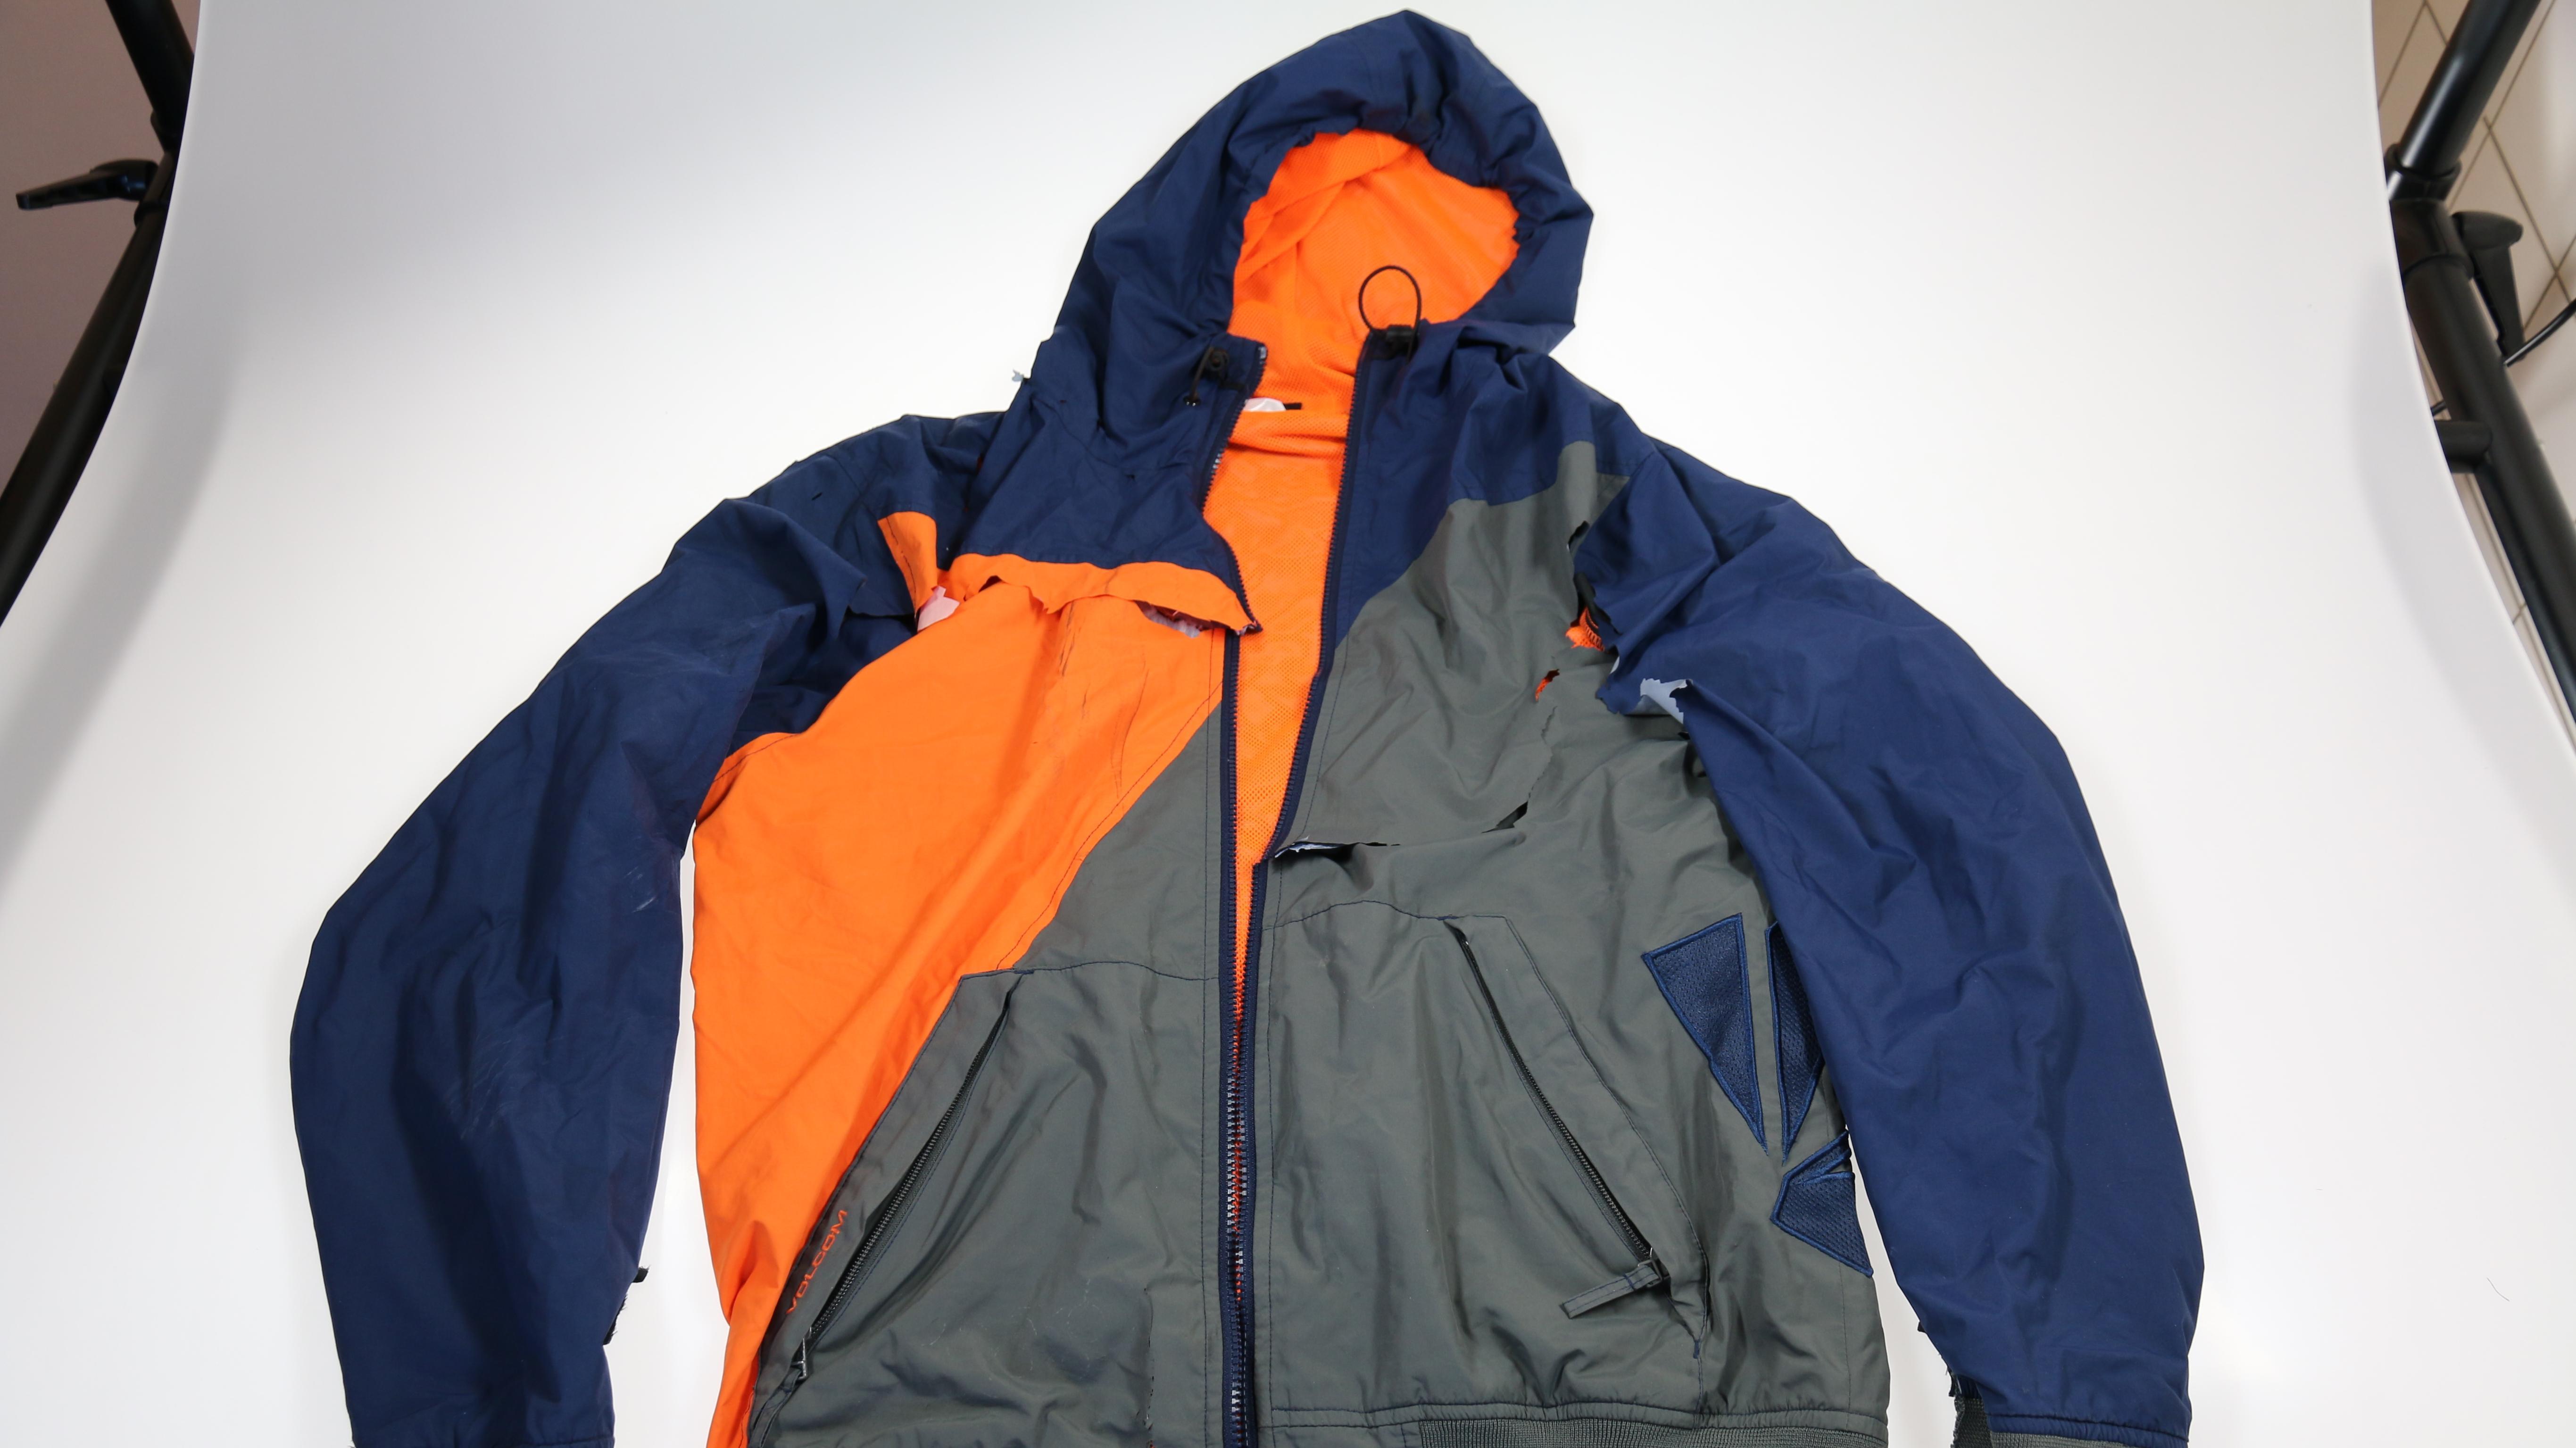 Eine Sportjacke in den Farben blau, grau und orange.